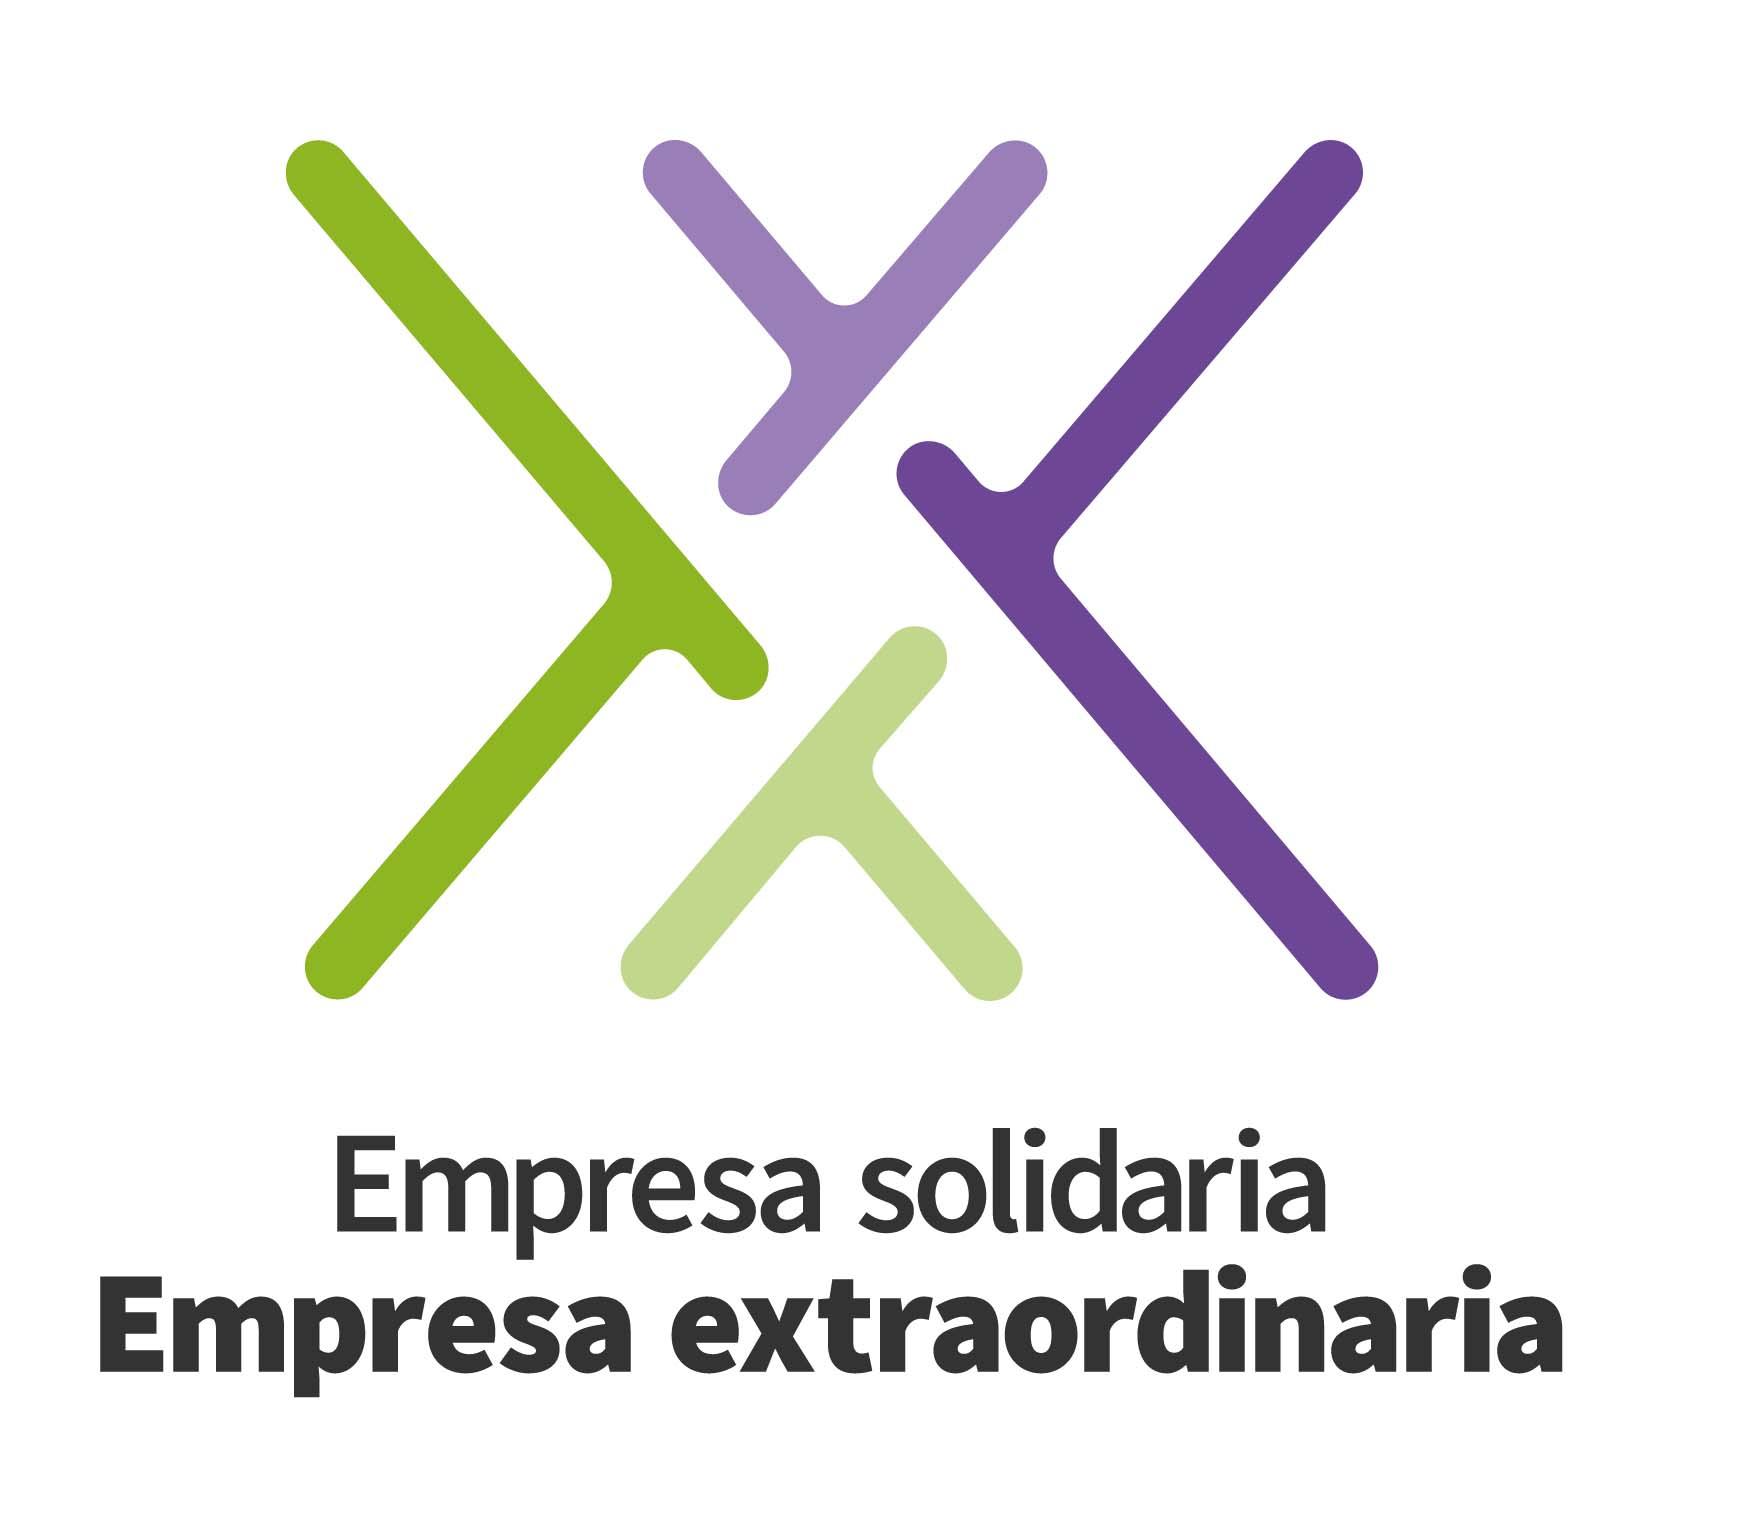 Logo X solidaria empresa